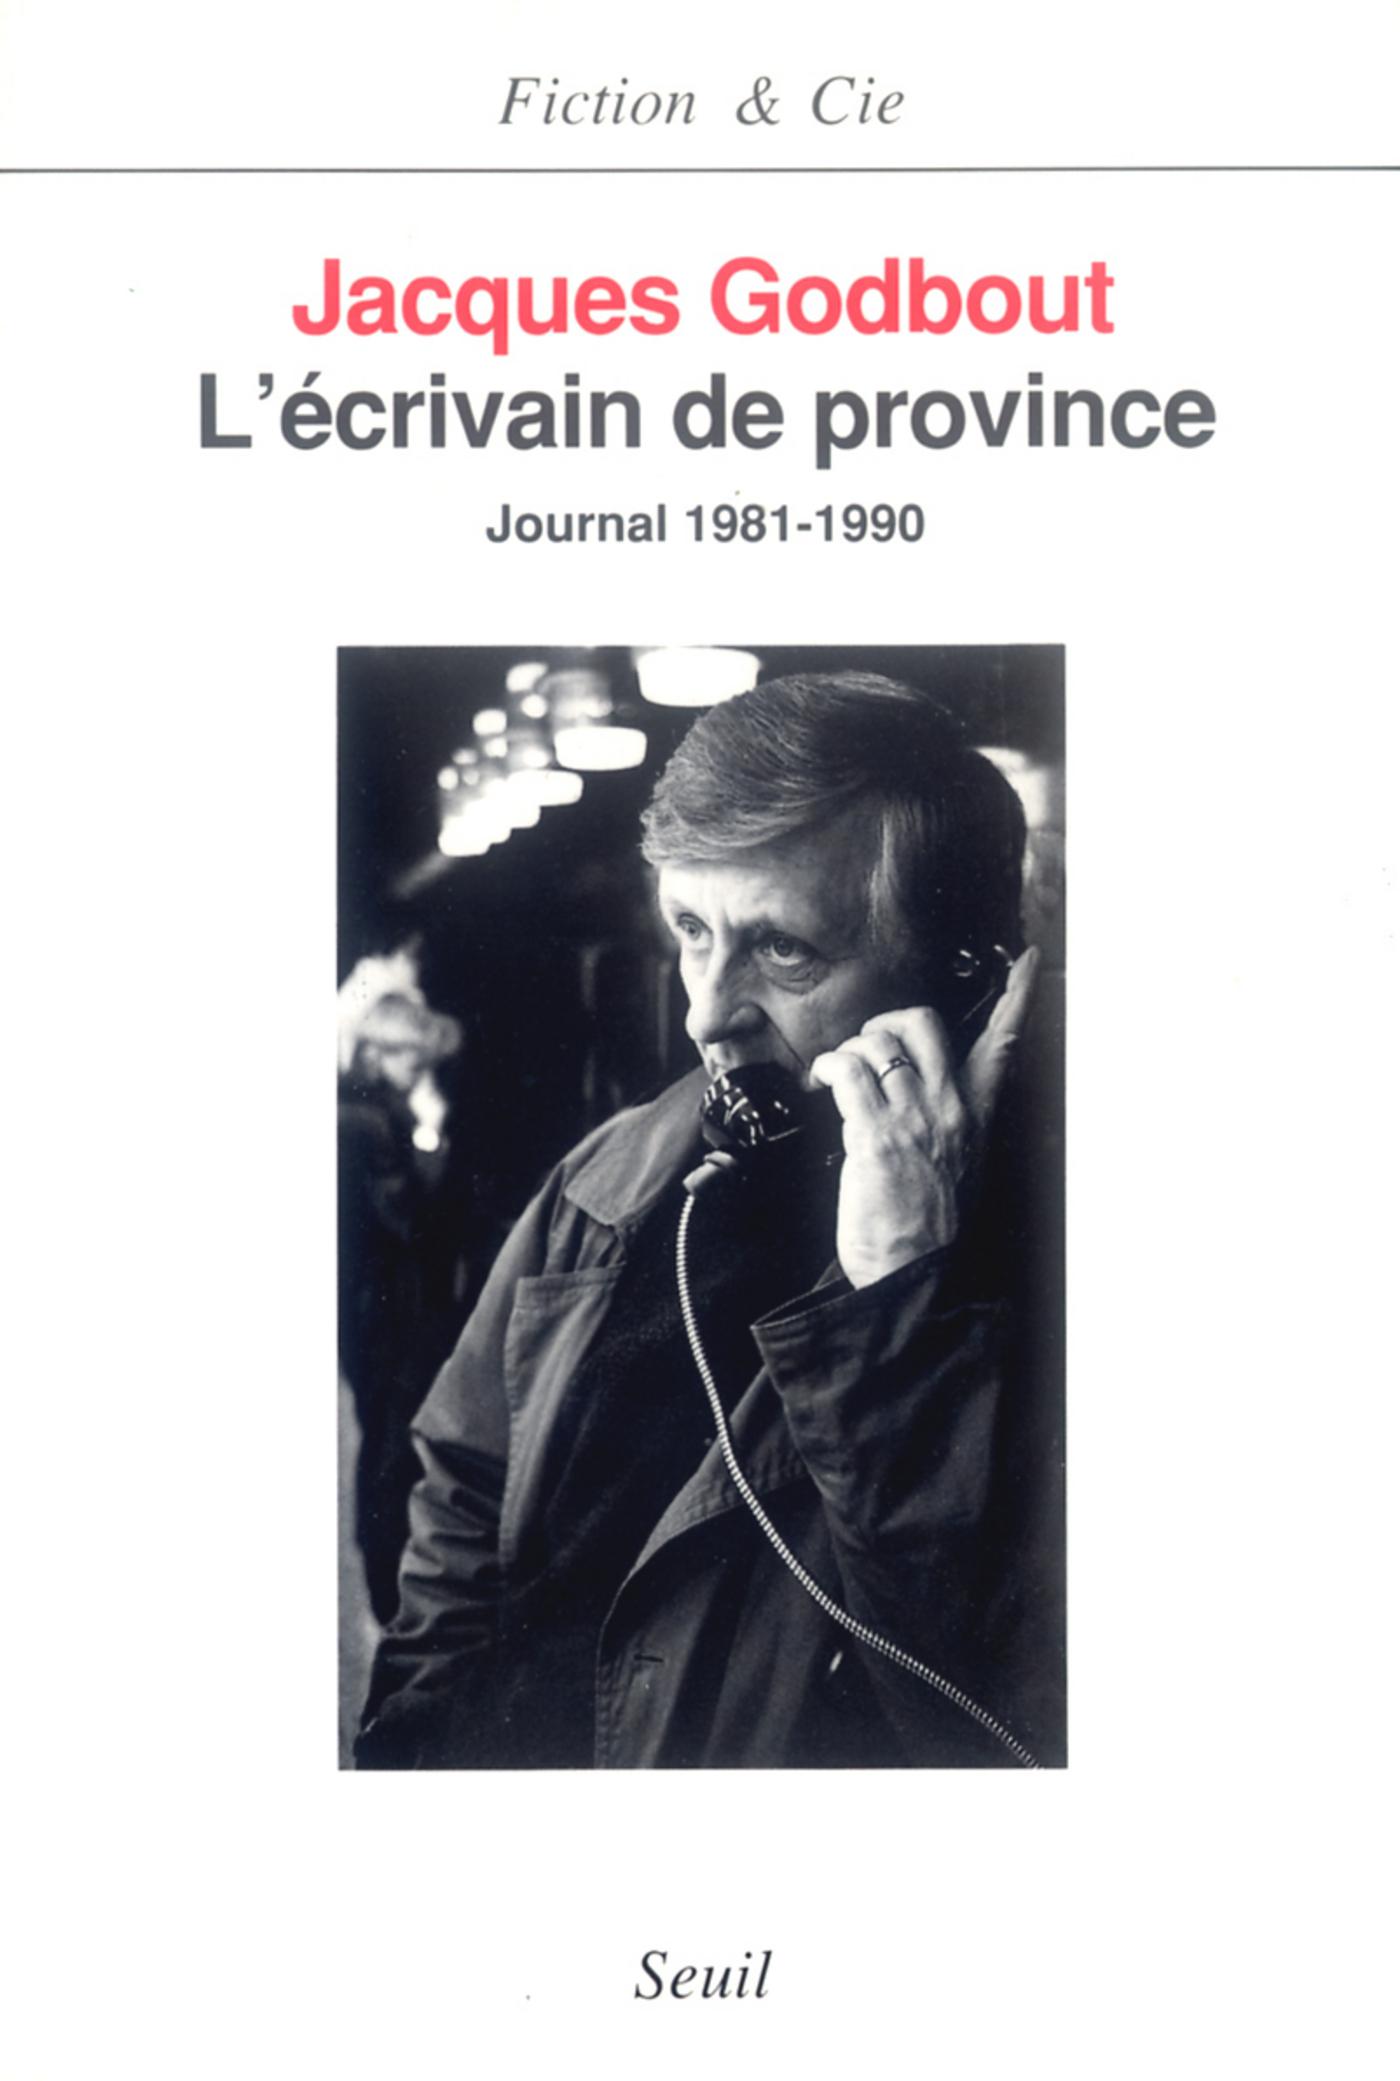 L'Ecrivain de province. Journal (1981-1990)